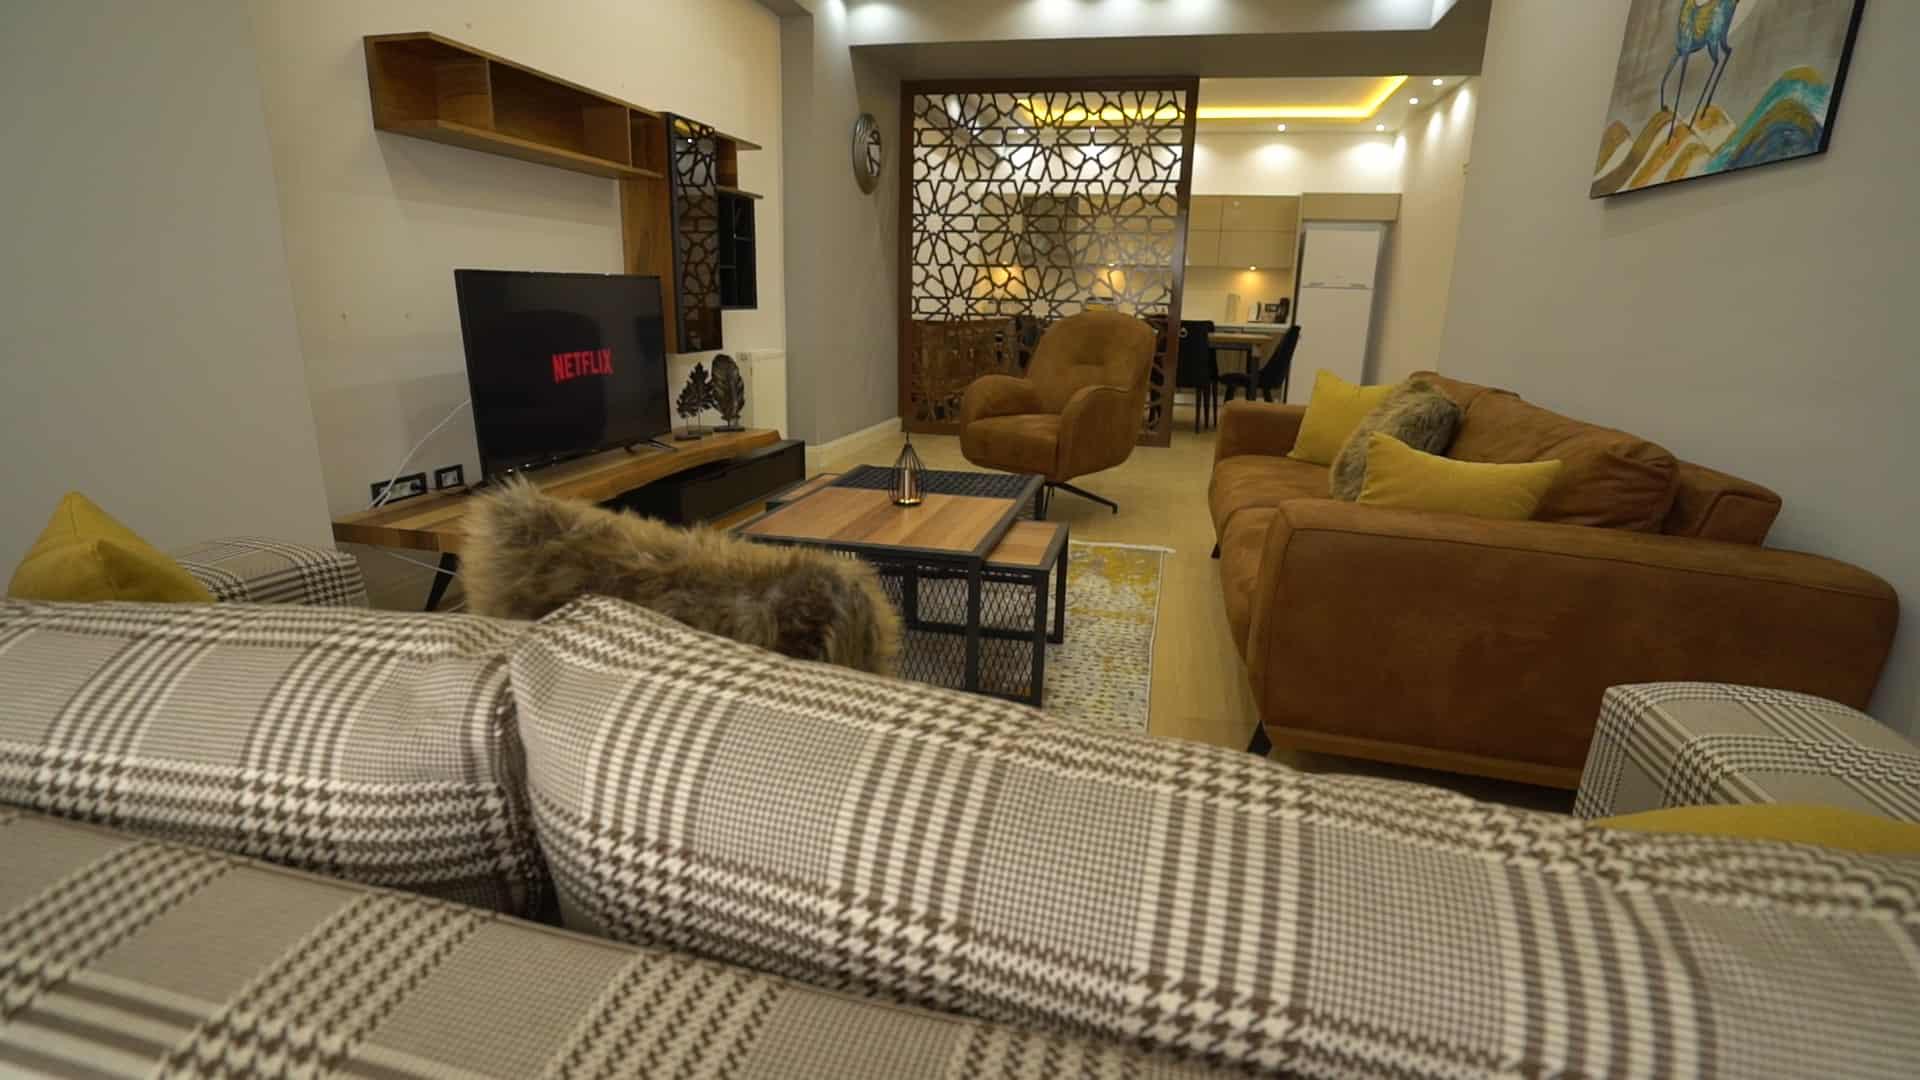 غرفة القعدة شقق للايجار في فينيسيا لمدة اسبوع غرفتين وصالون